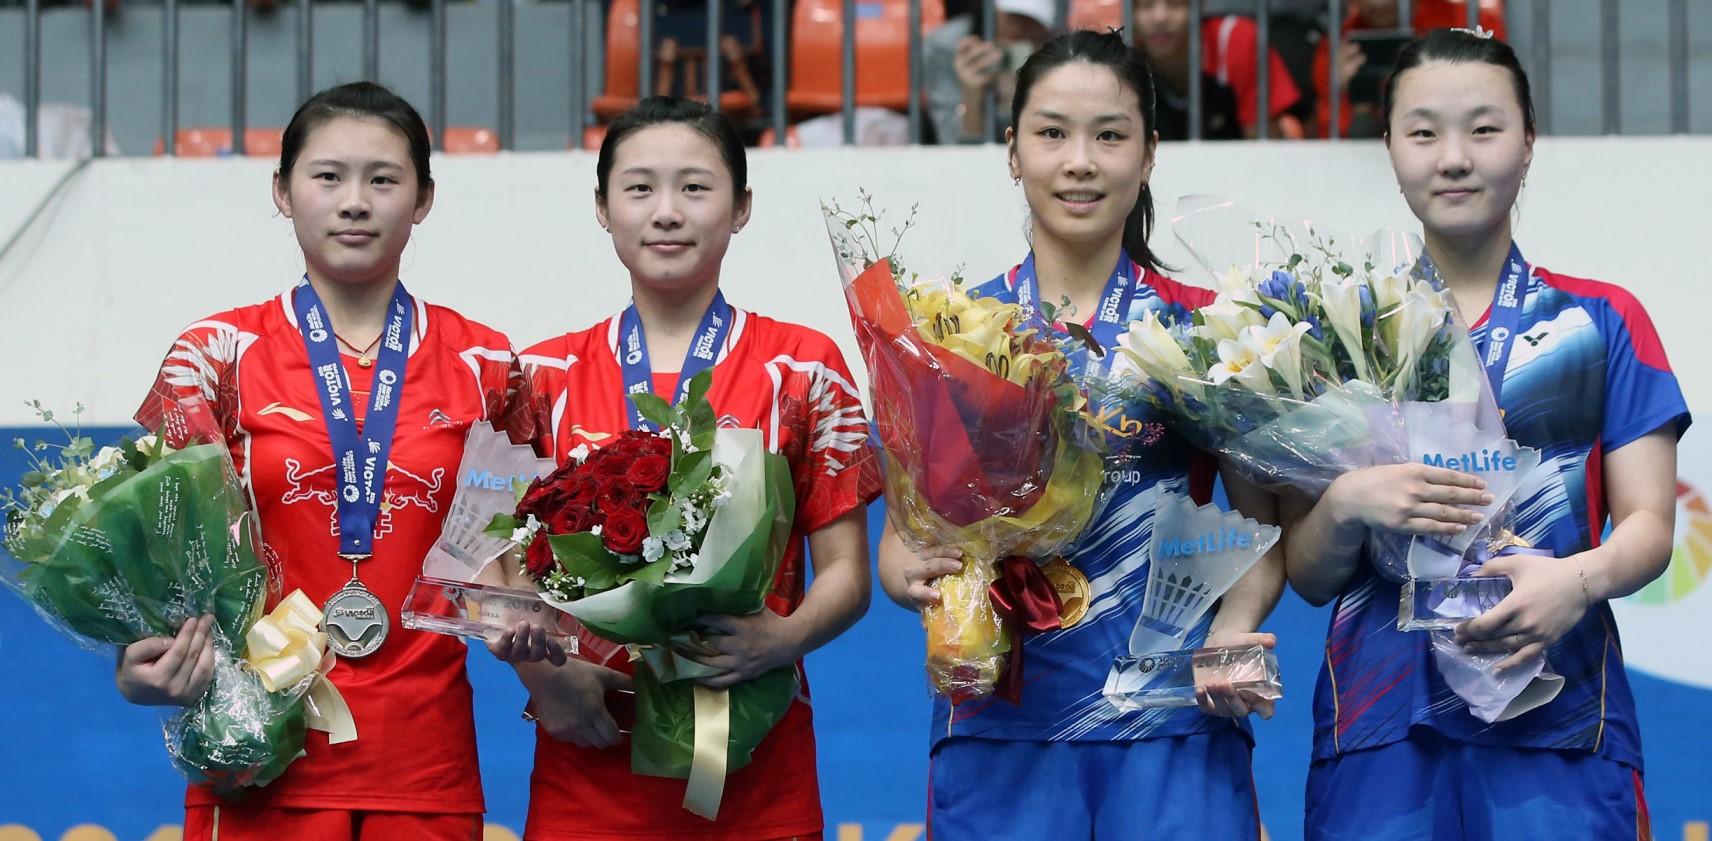 Jung Kyung Eun & Shin Seung Chan and Luo Ying & Luo Yu